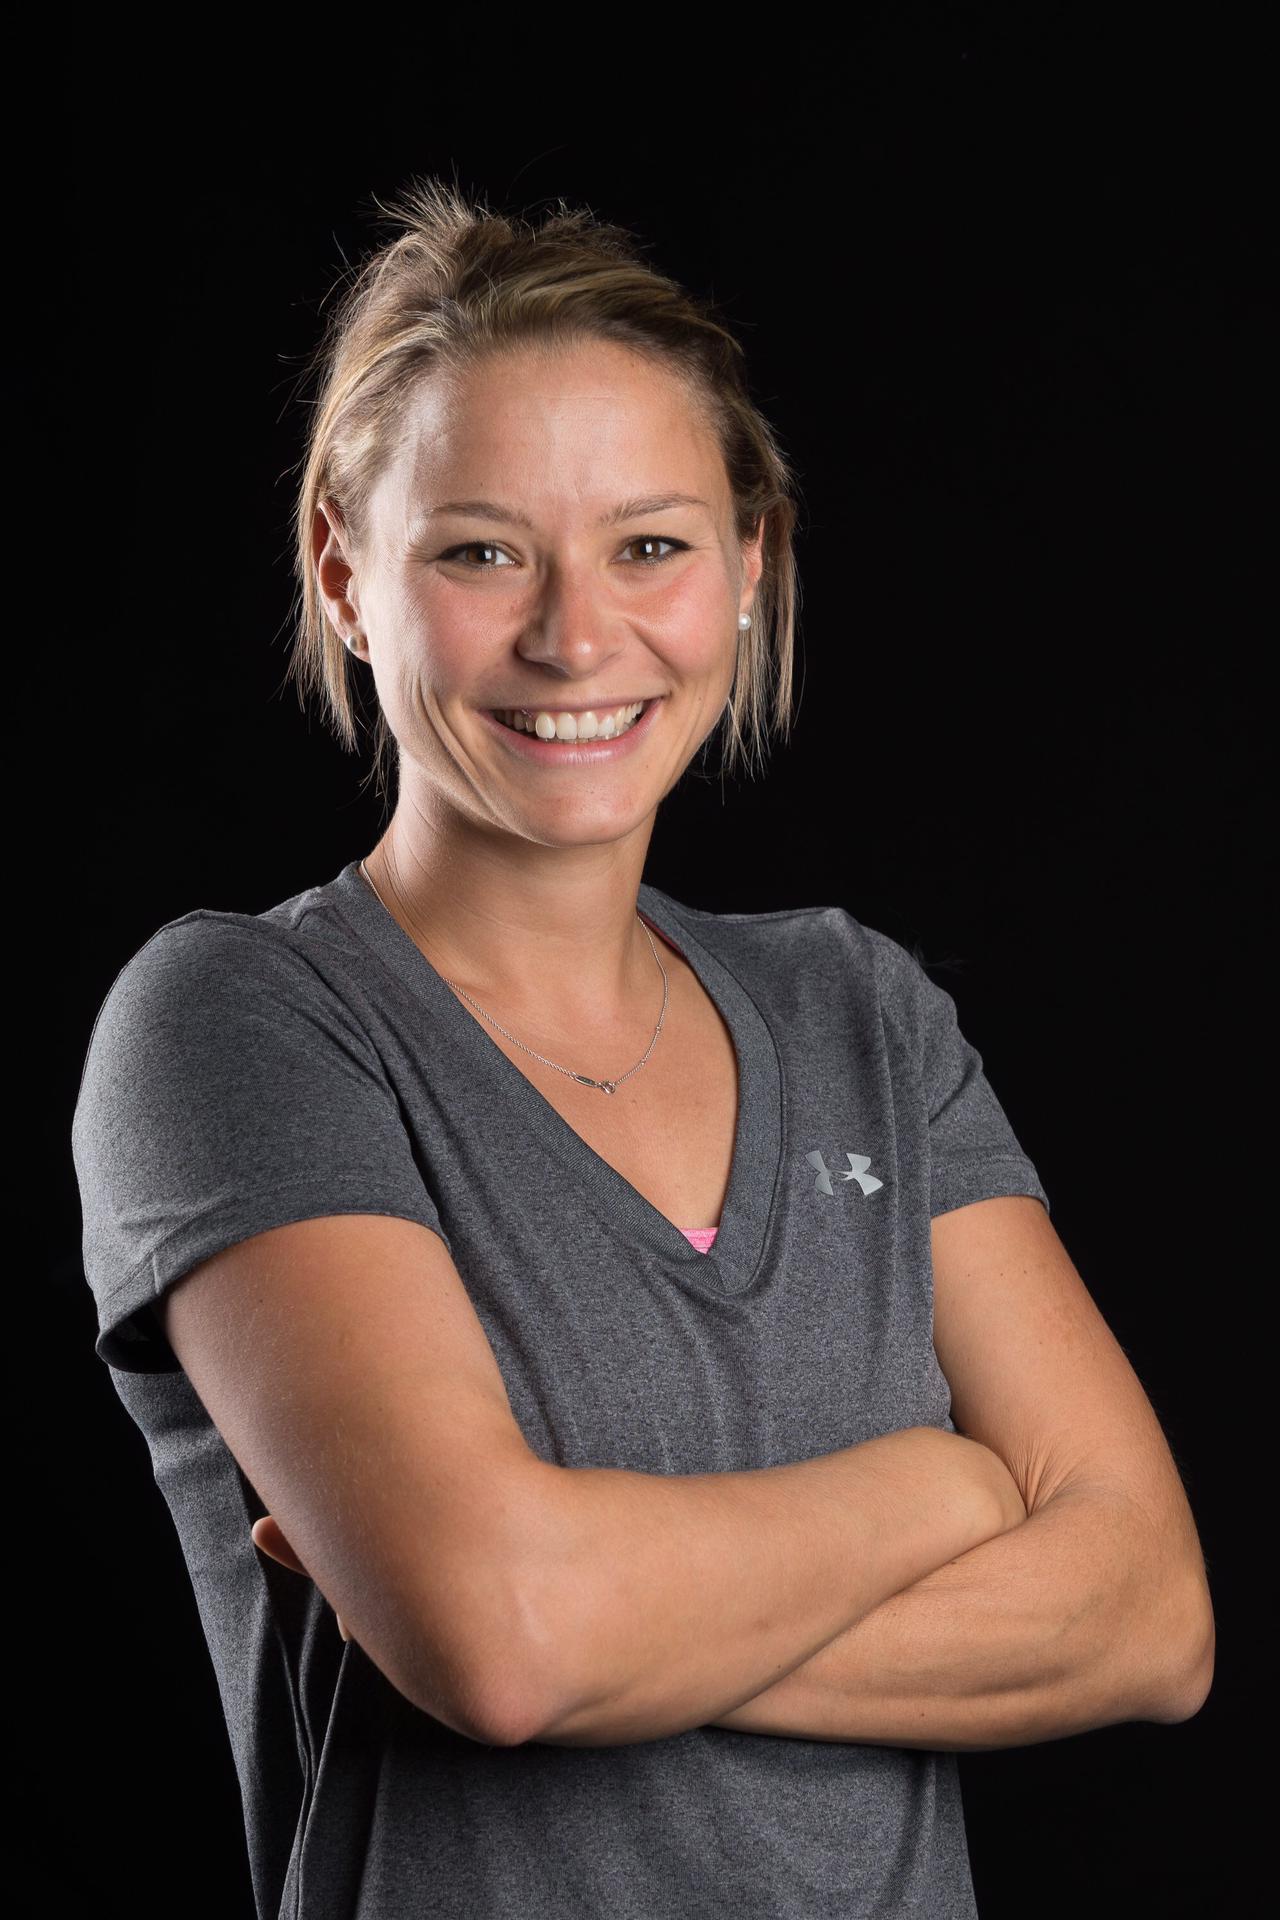 Sarah Bichler